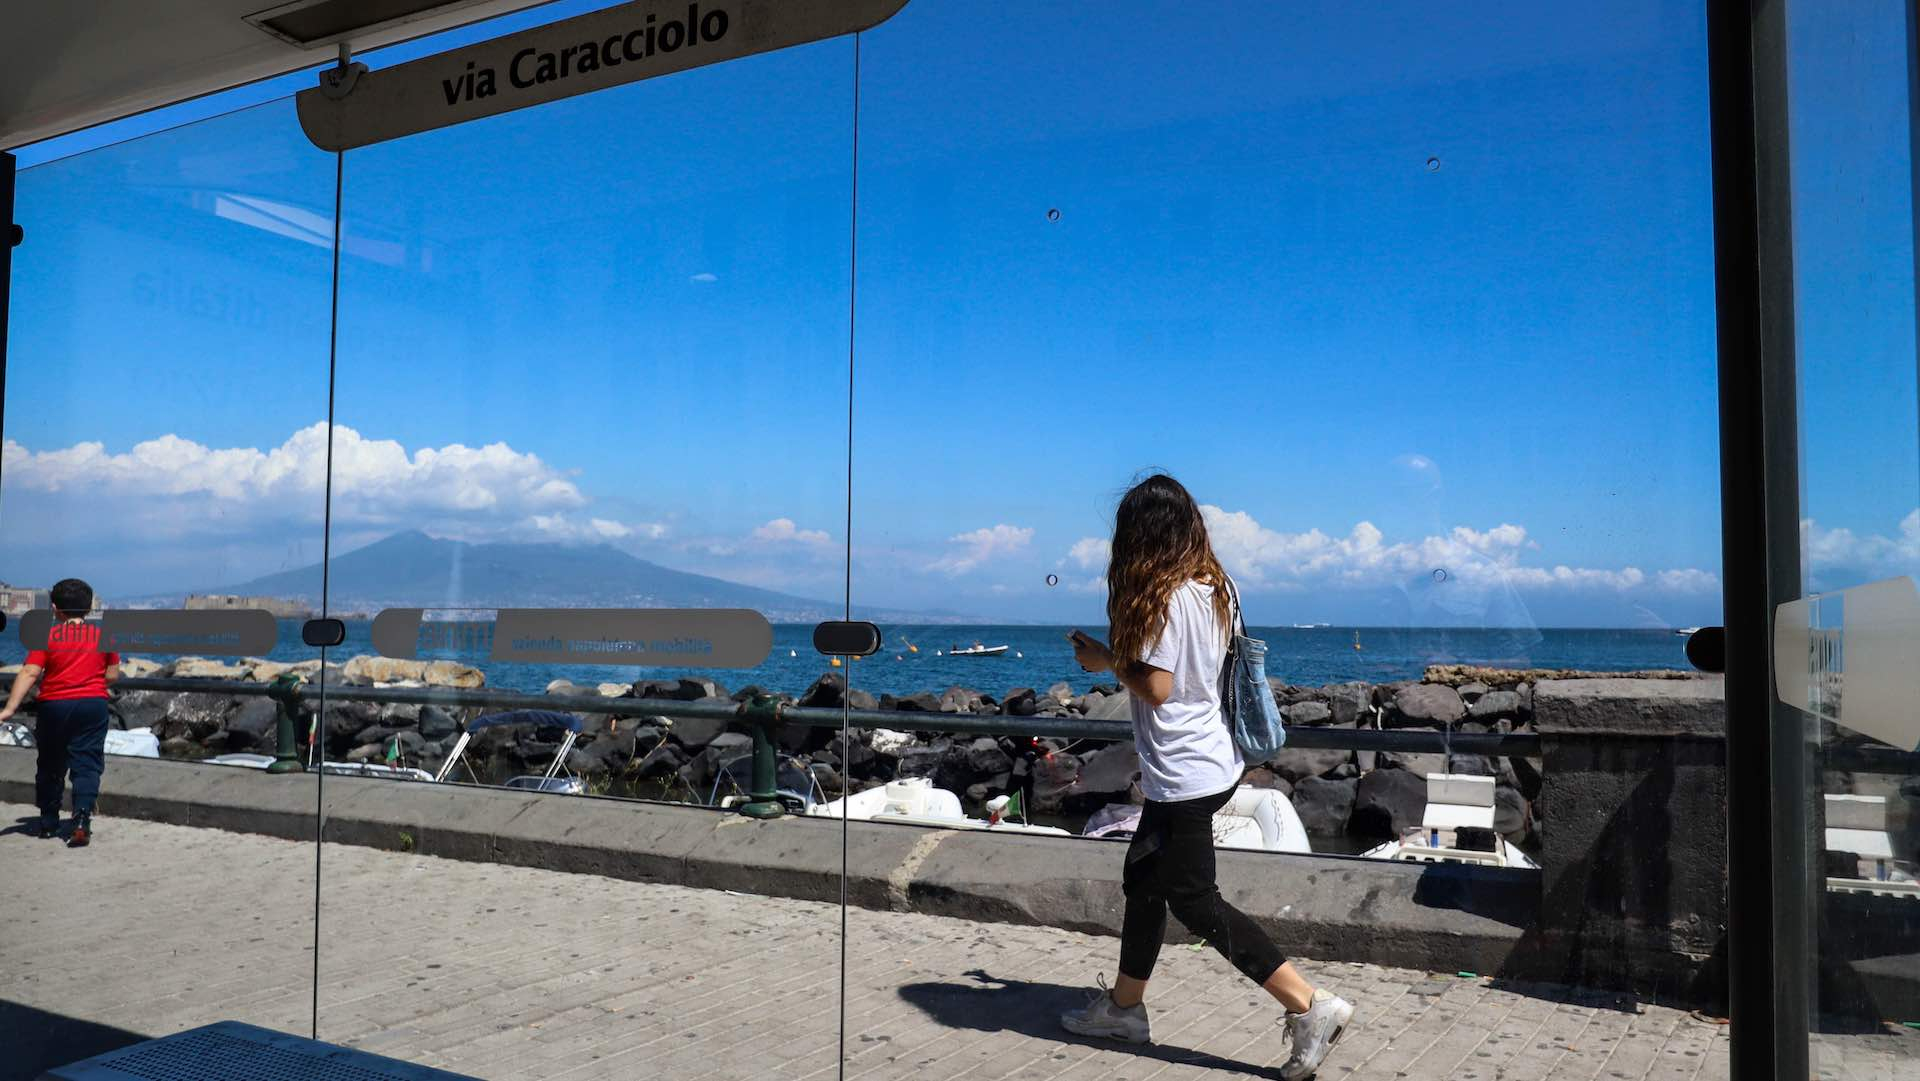 Lungomare Caracciolo: promenade napoletana